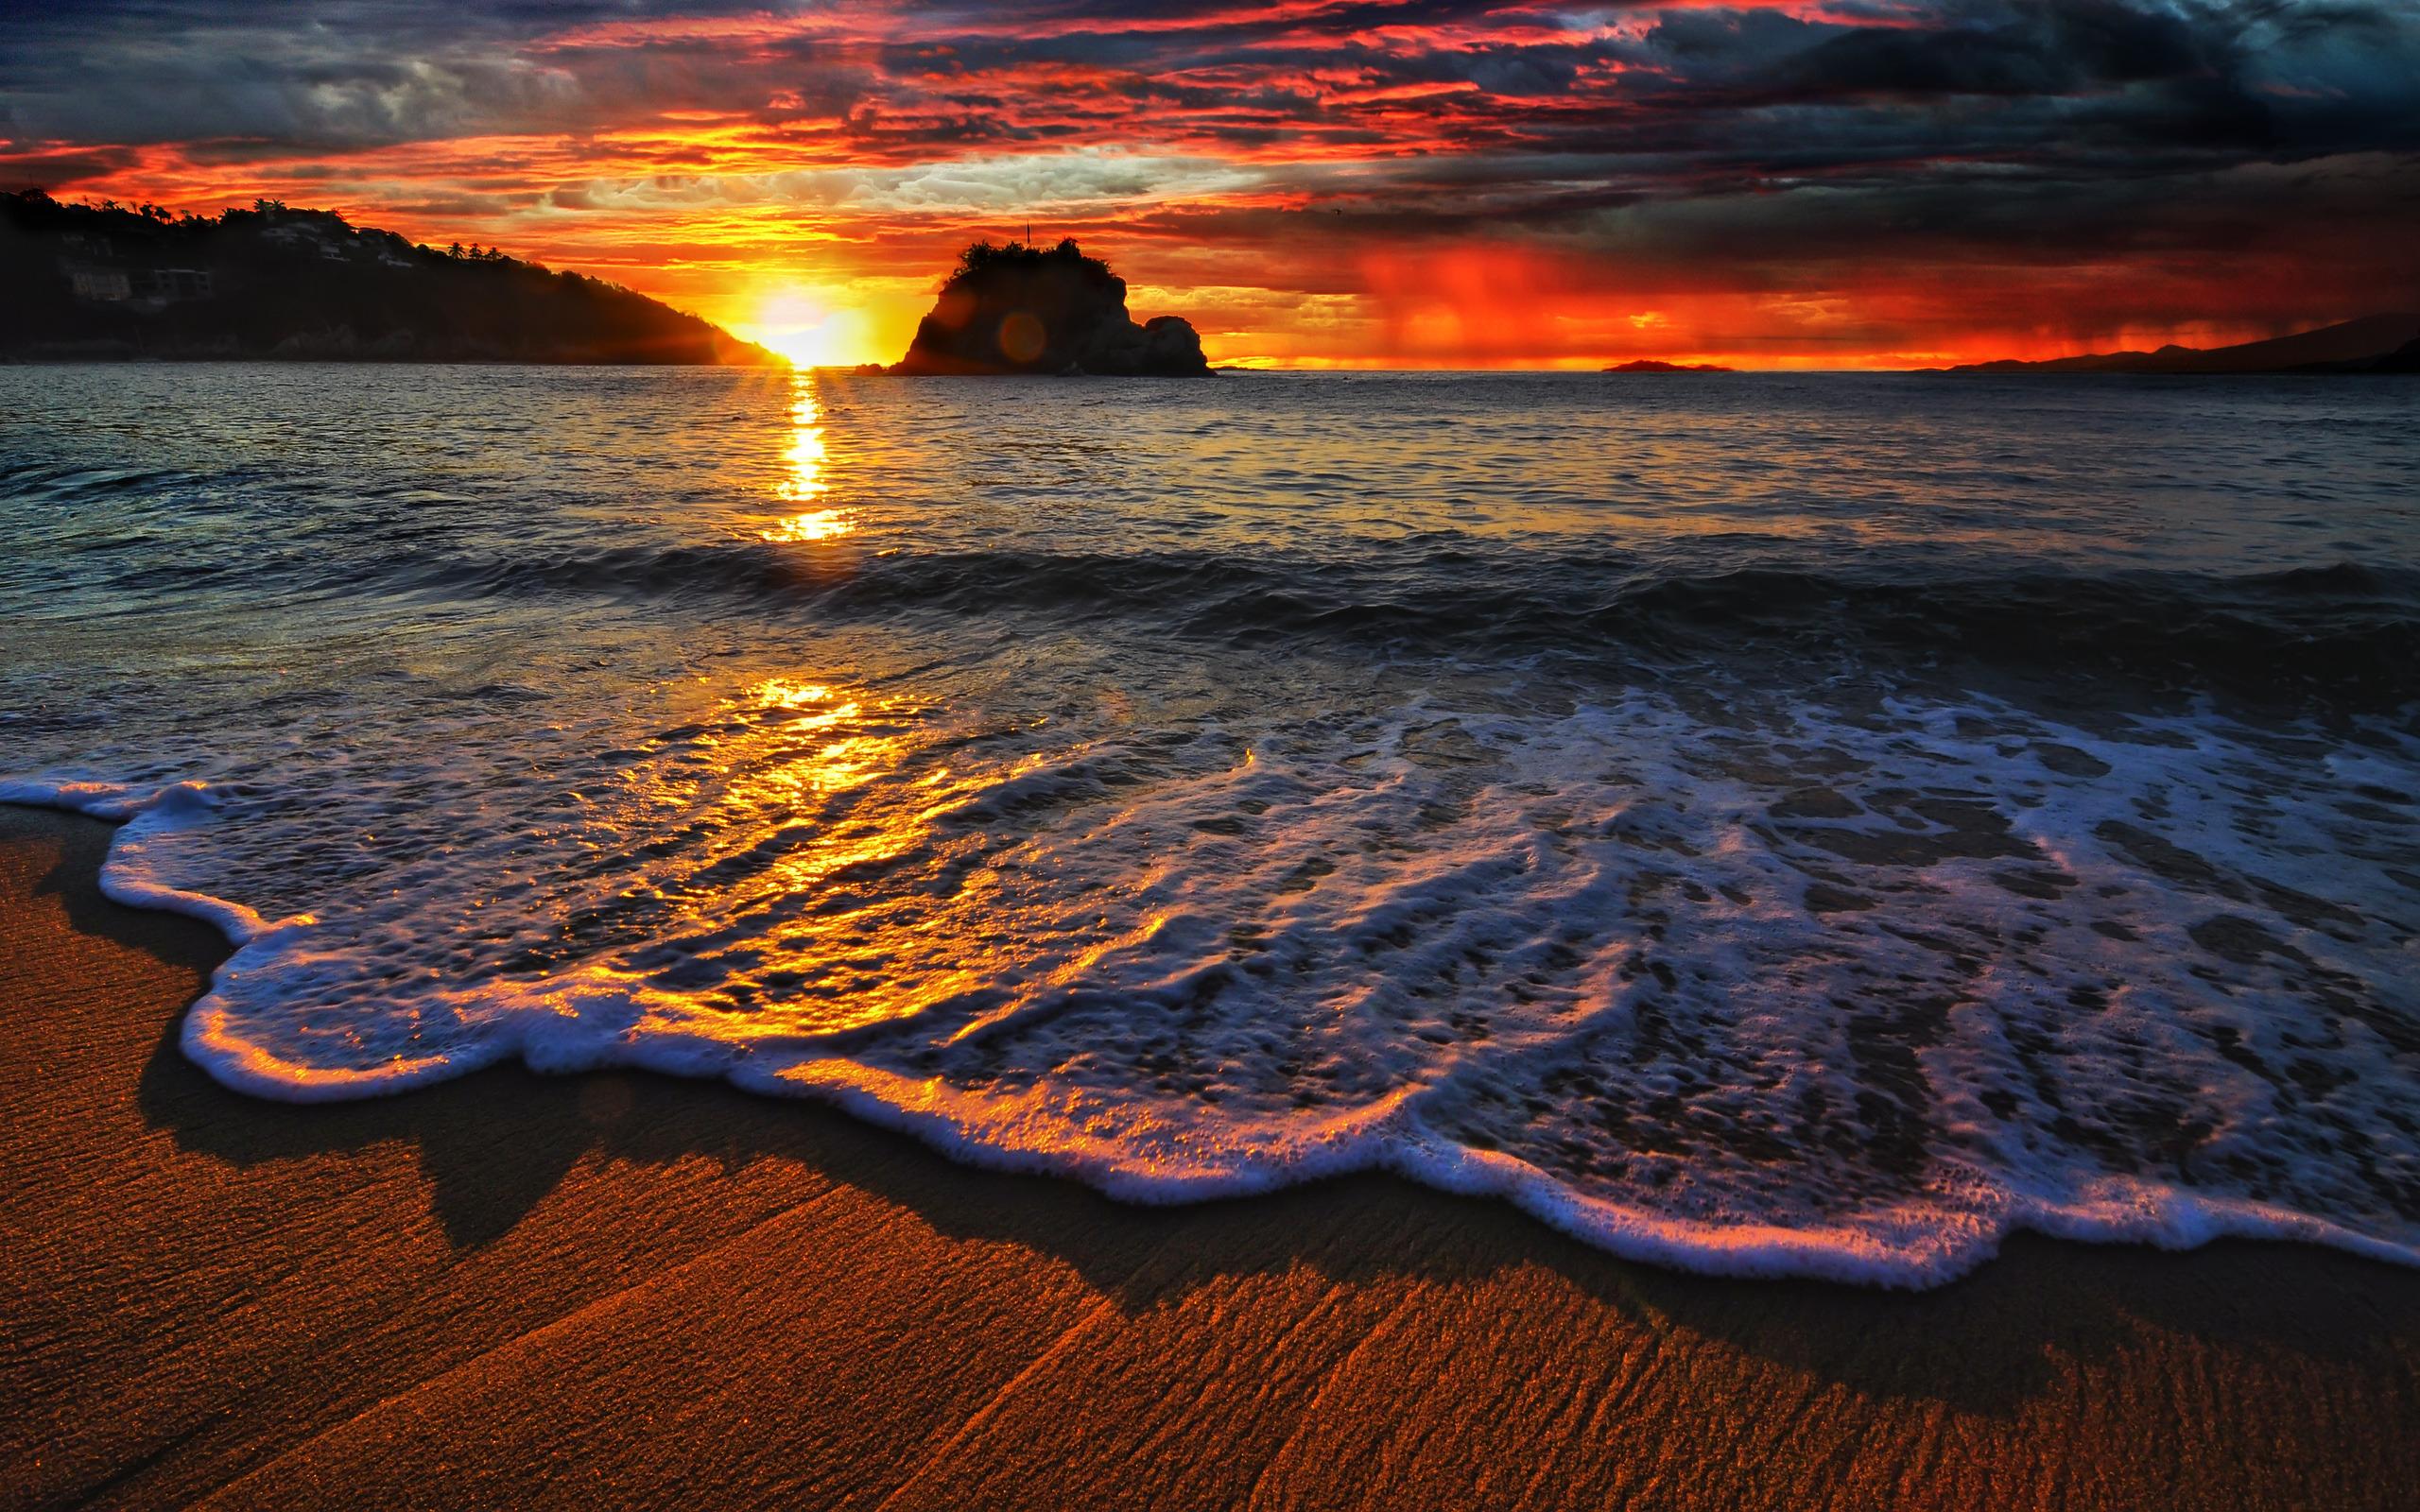 Beach Sunset Wallpaper Hd Desktop Wallpapers 4k Hd